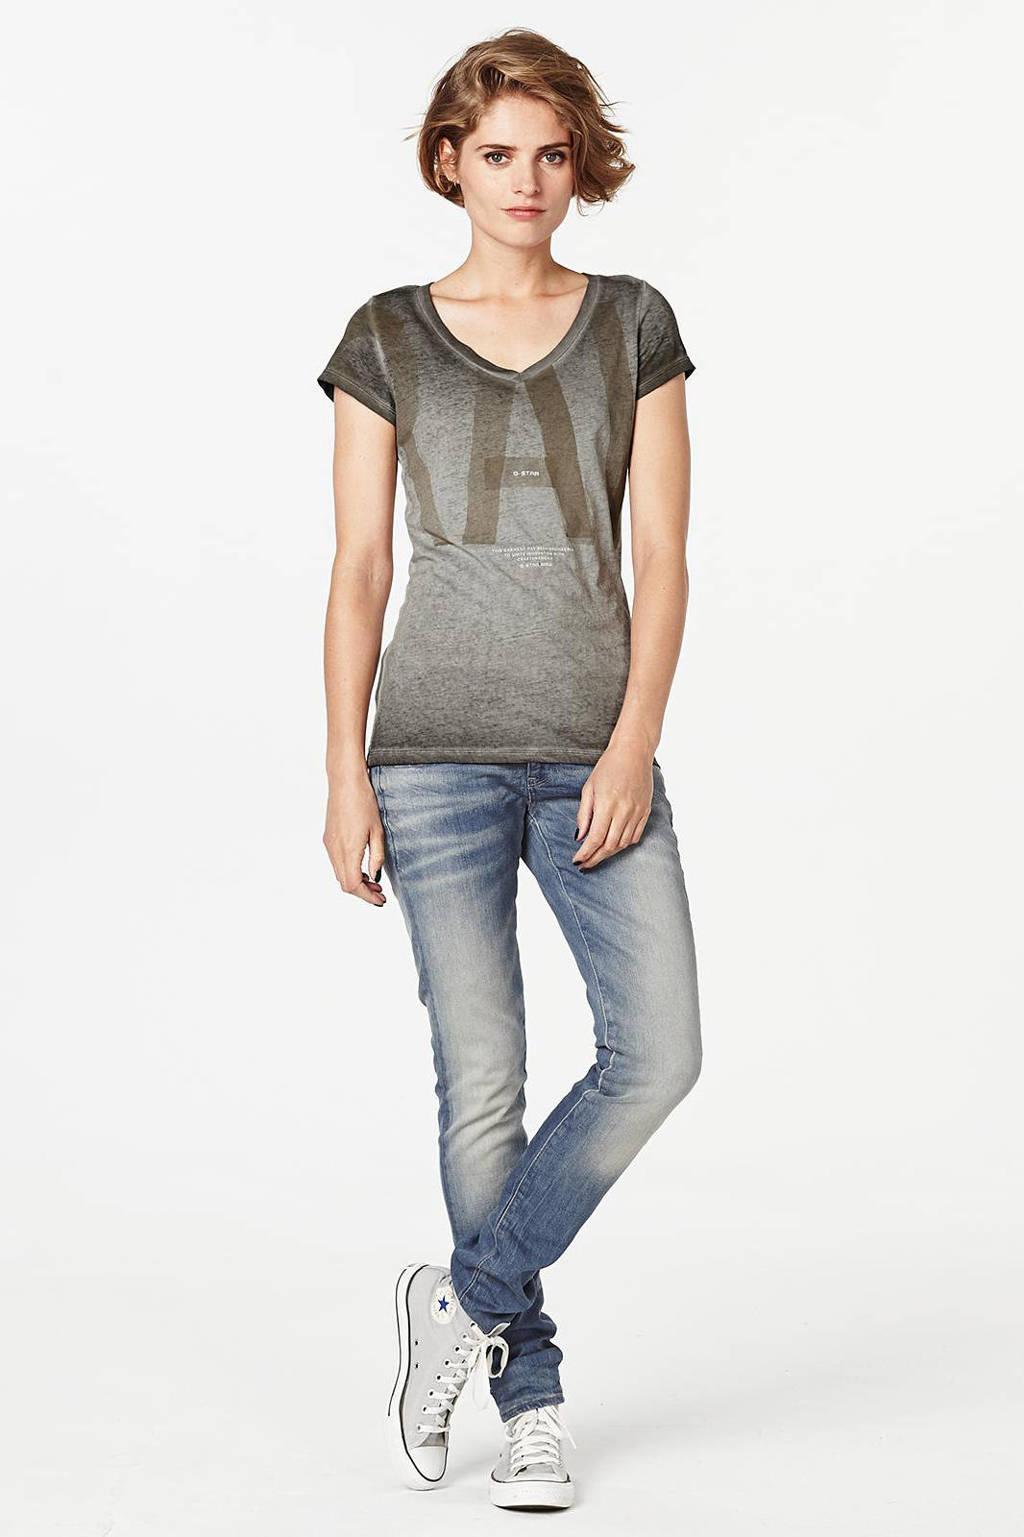 G-Star RAW Lynn mid skinny fit jeans, Cyclo stretch denim